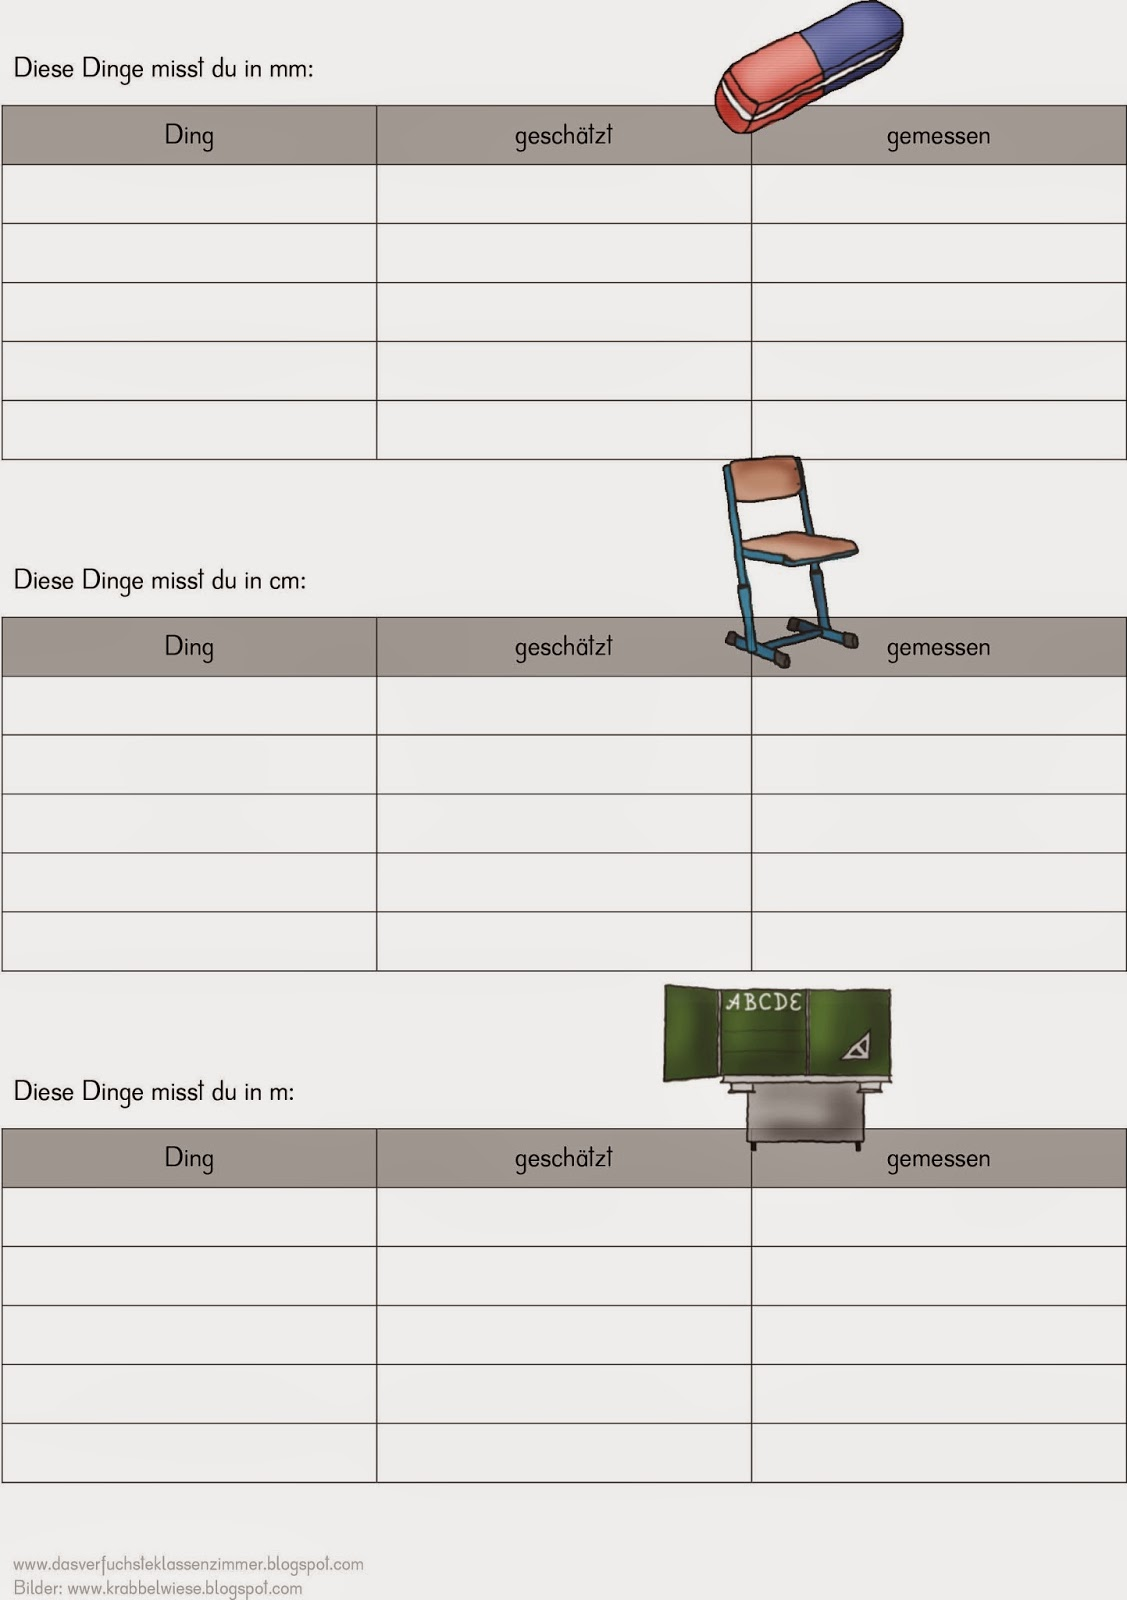 Das verfuchste Klassenzimmer: erst schätzen - dann messen